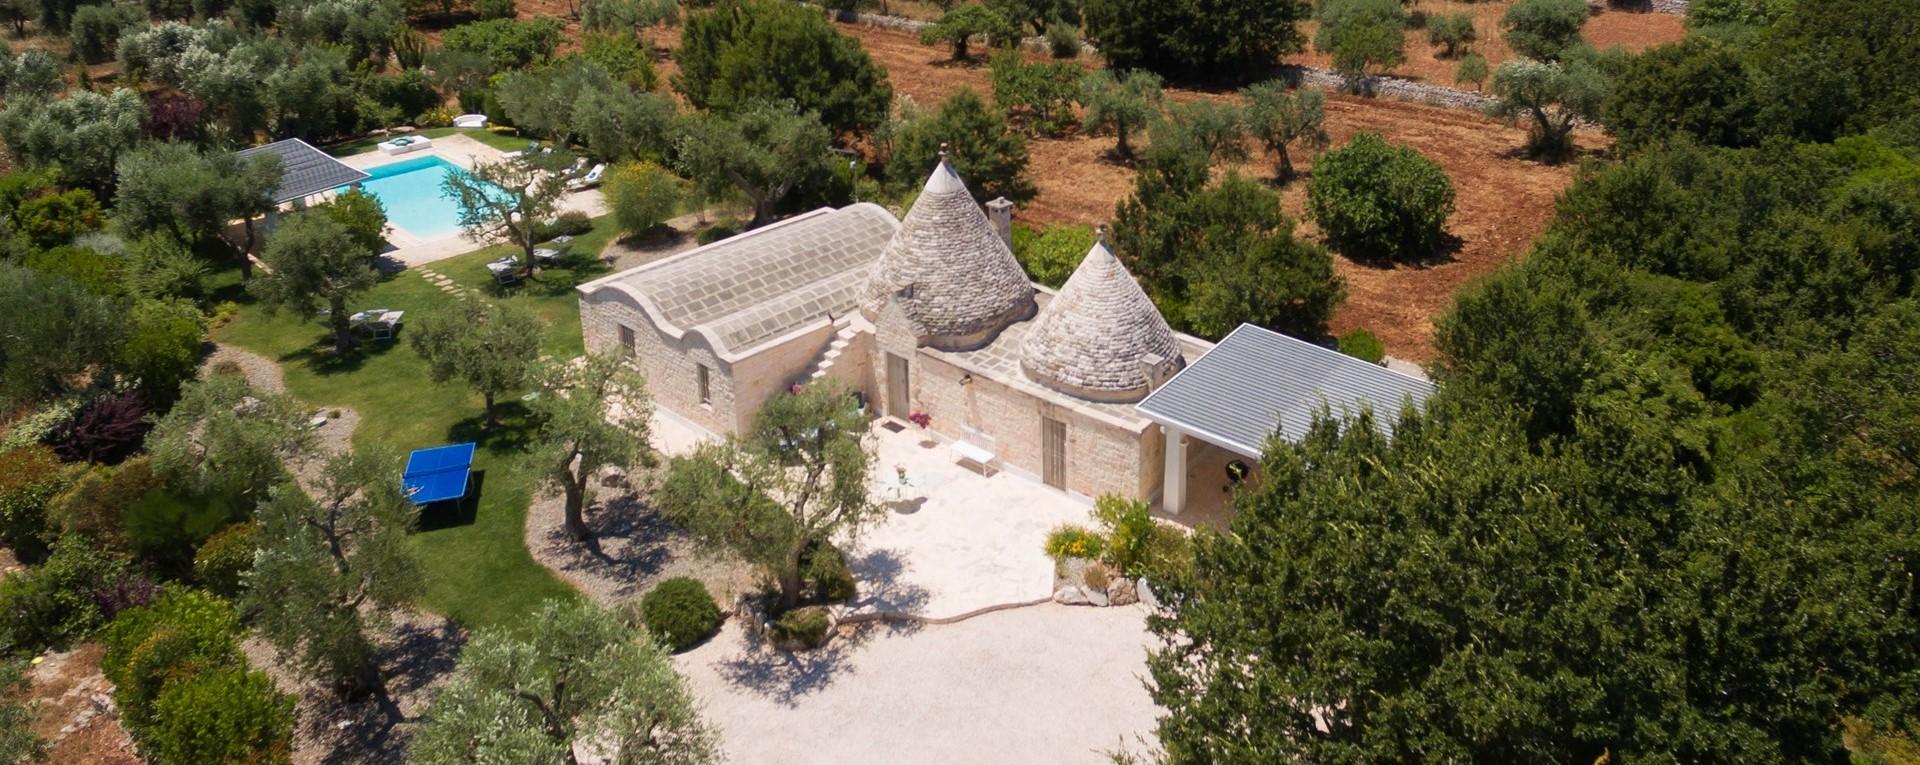 villa-giu-al-trullo-aerial-view